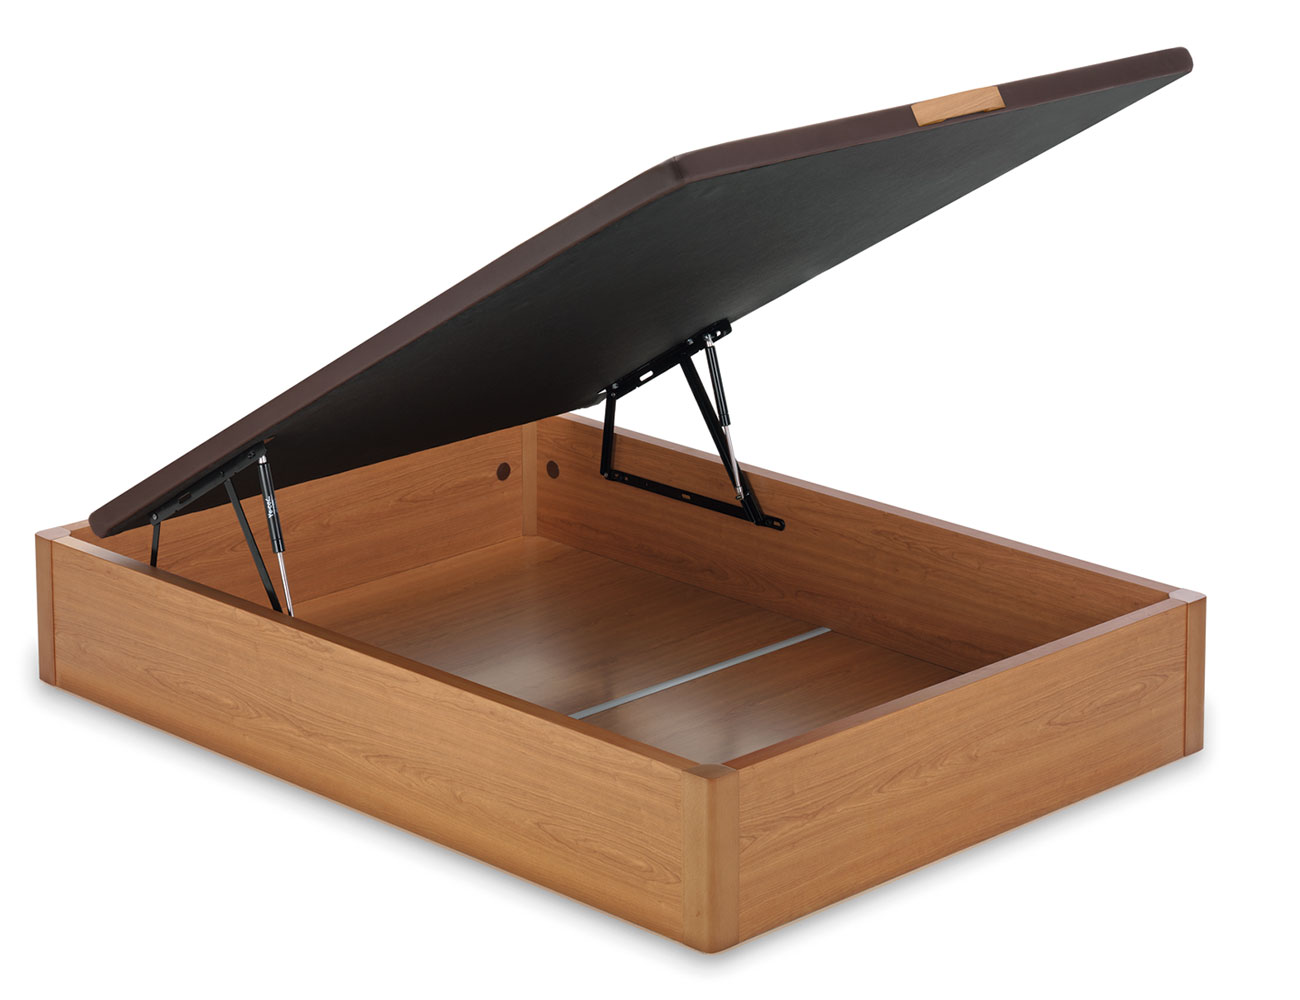 Canape madera 5 cm grosor gran calidad abierto4